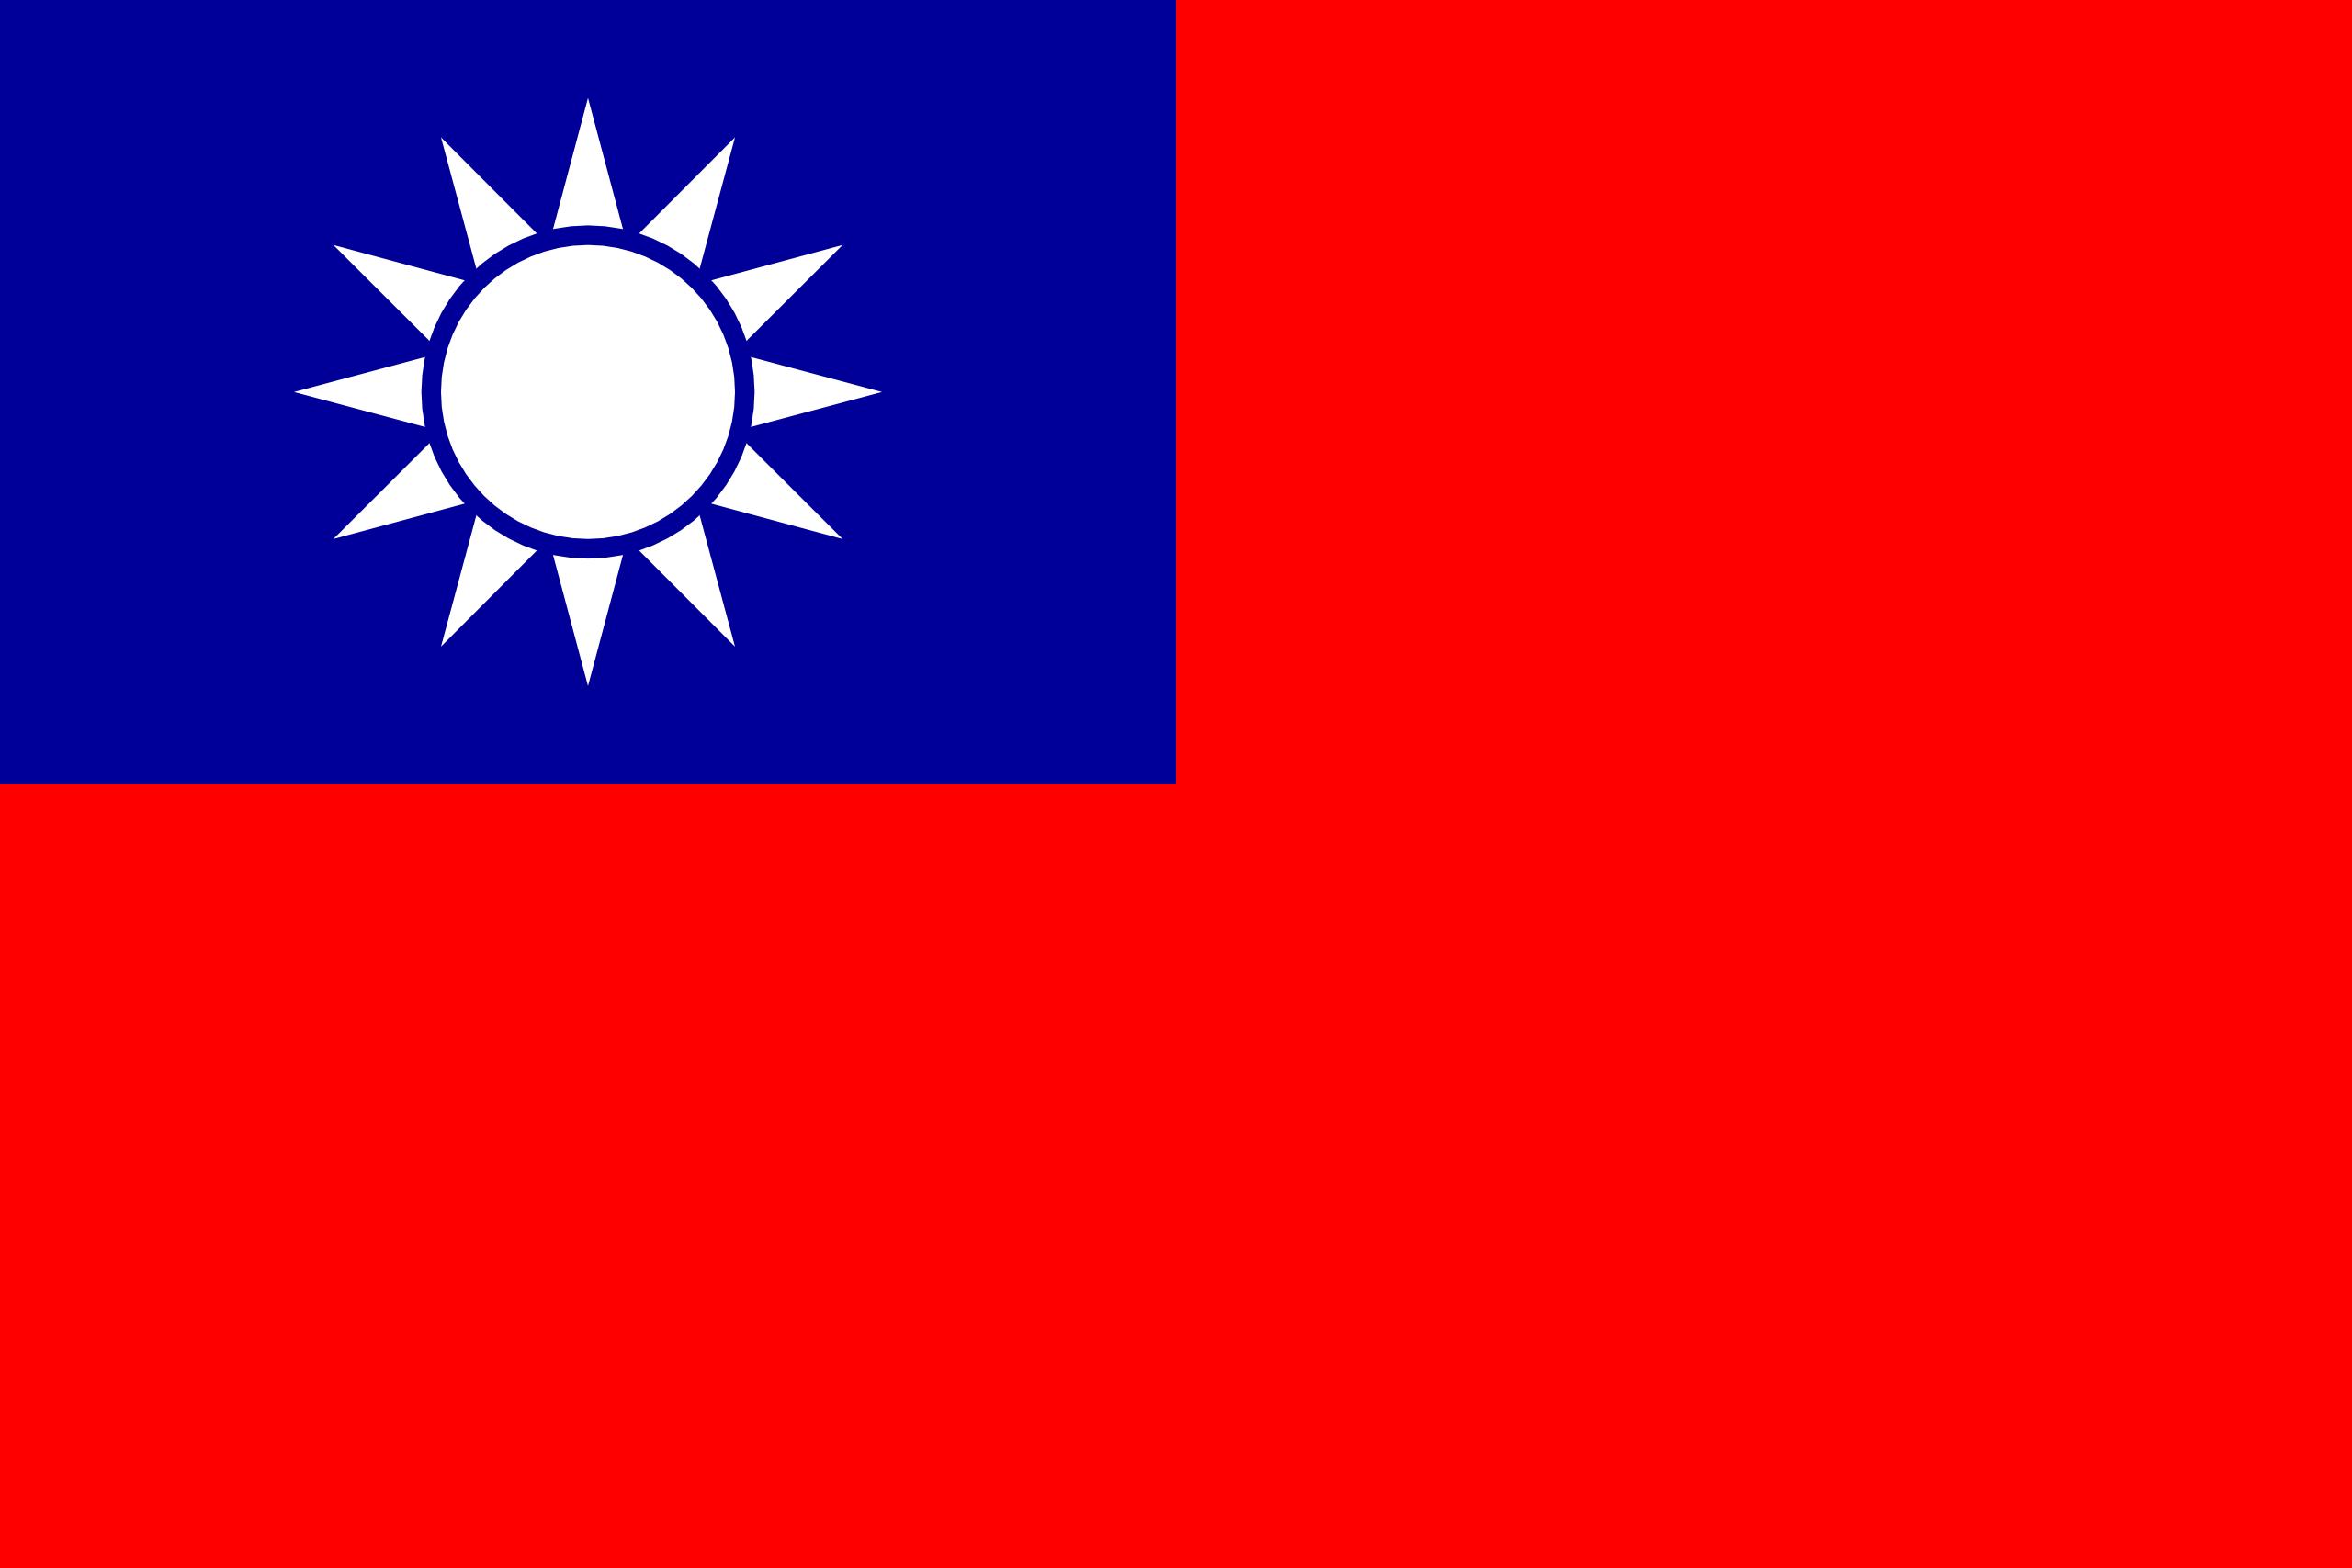 MICHEL CHING-LONG LU : VISITE DIPLOMATIQUE DE L'AMBASSADEUR DE TAIWAN…DES RENCONTRES, UNE HISTOIRE